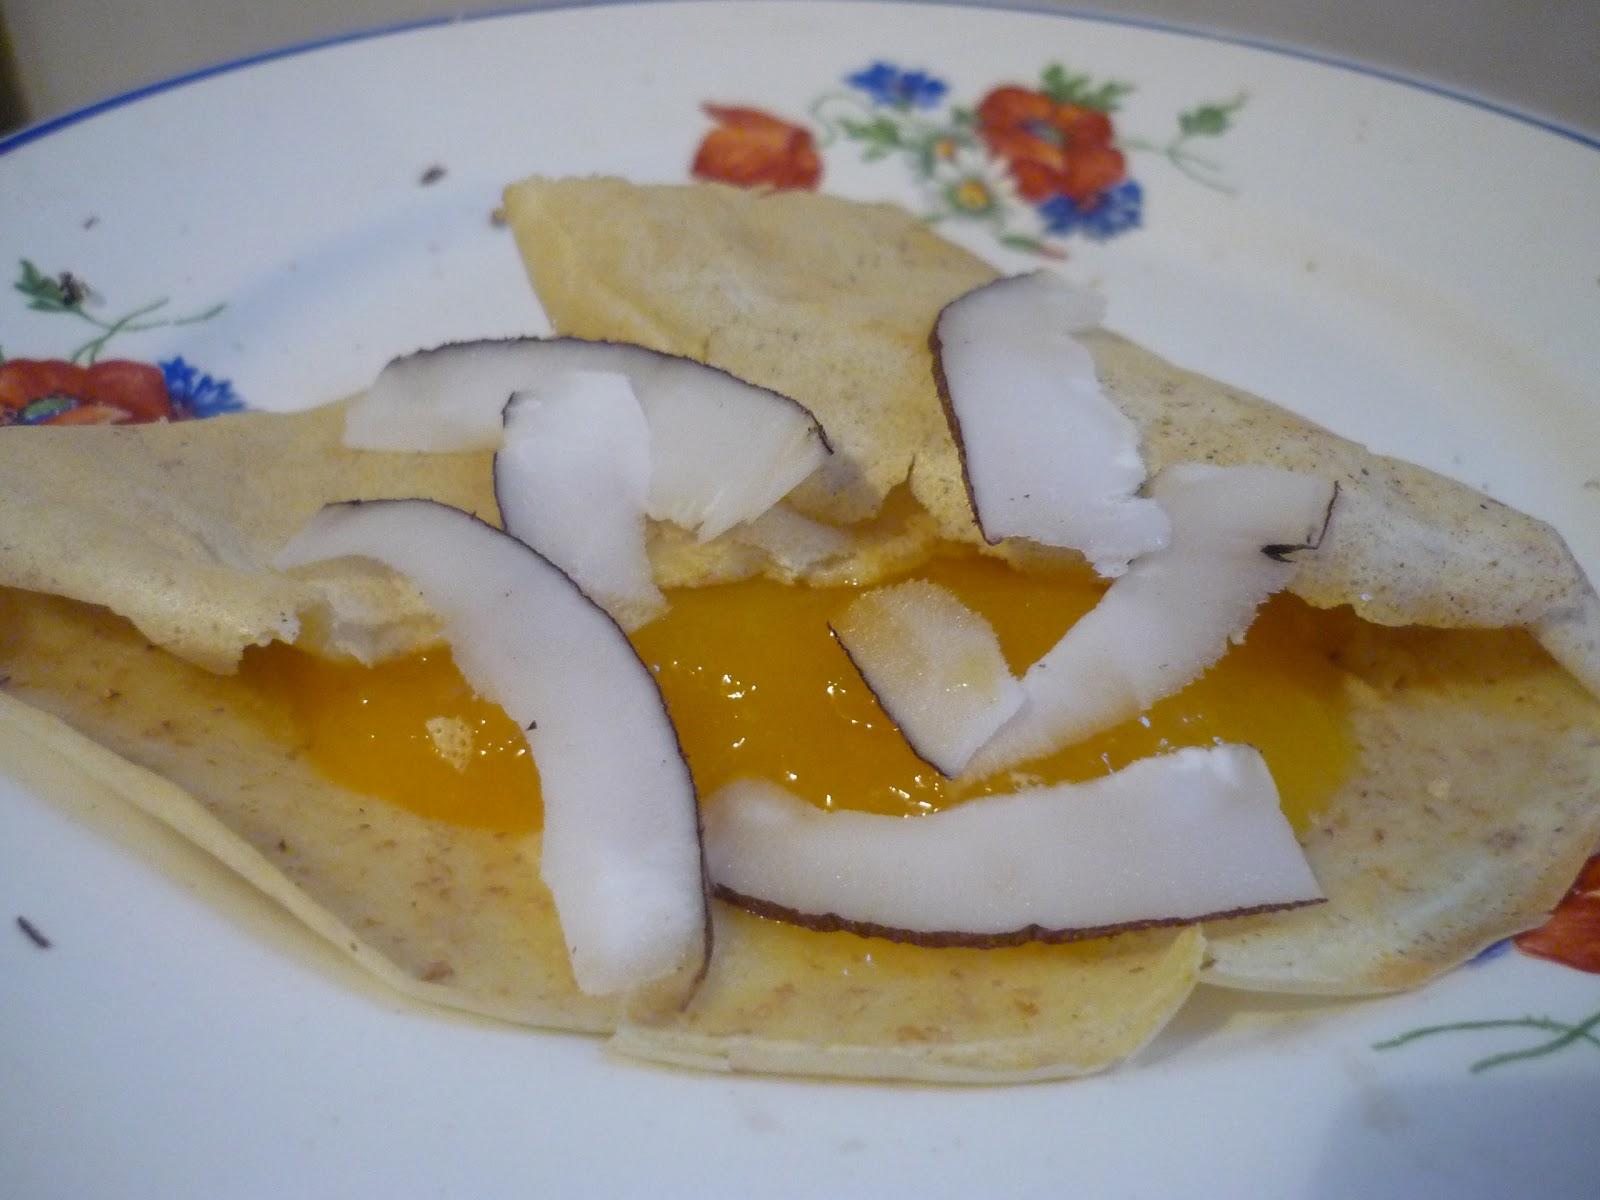 https://cuillereetsaladier.blogspot.com/2013/03/crepes-au-lait-de-coco-fourrees-la.html